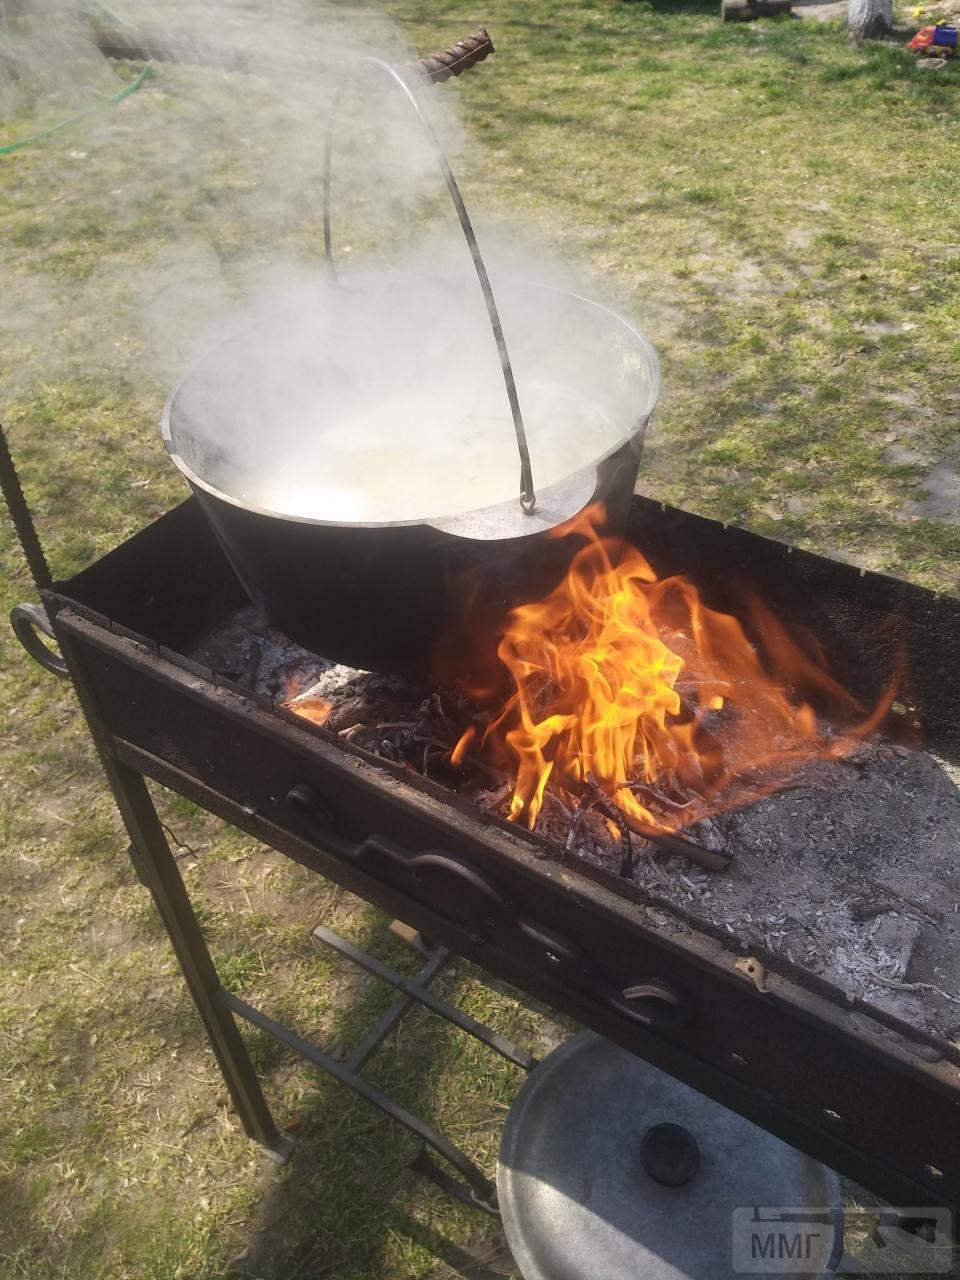 99118 - Закуски на огне (мангал, барбекю и т.д.) и кулинария вообще. Советы и рецепты.